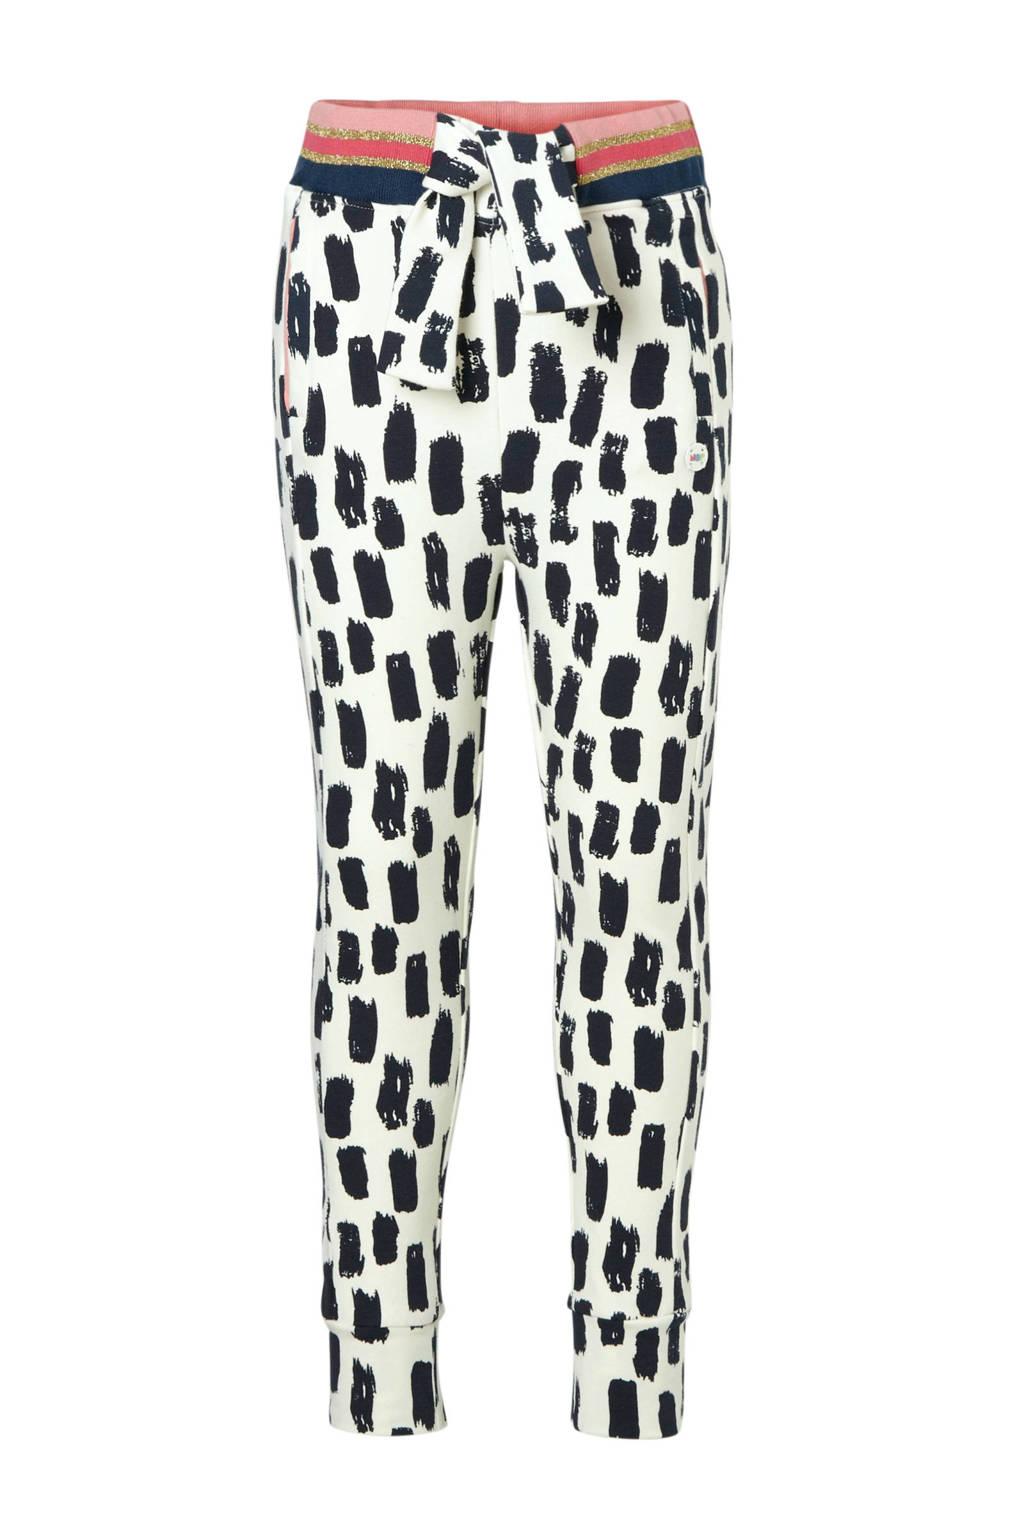 NOP broek met allover print ecru, Ecru/zwart